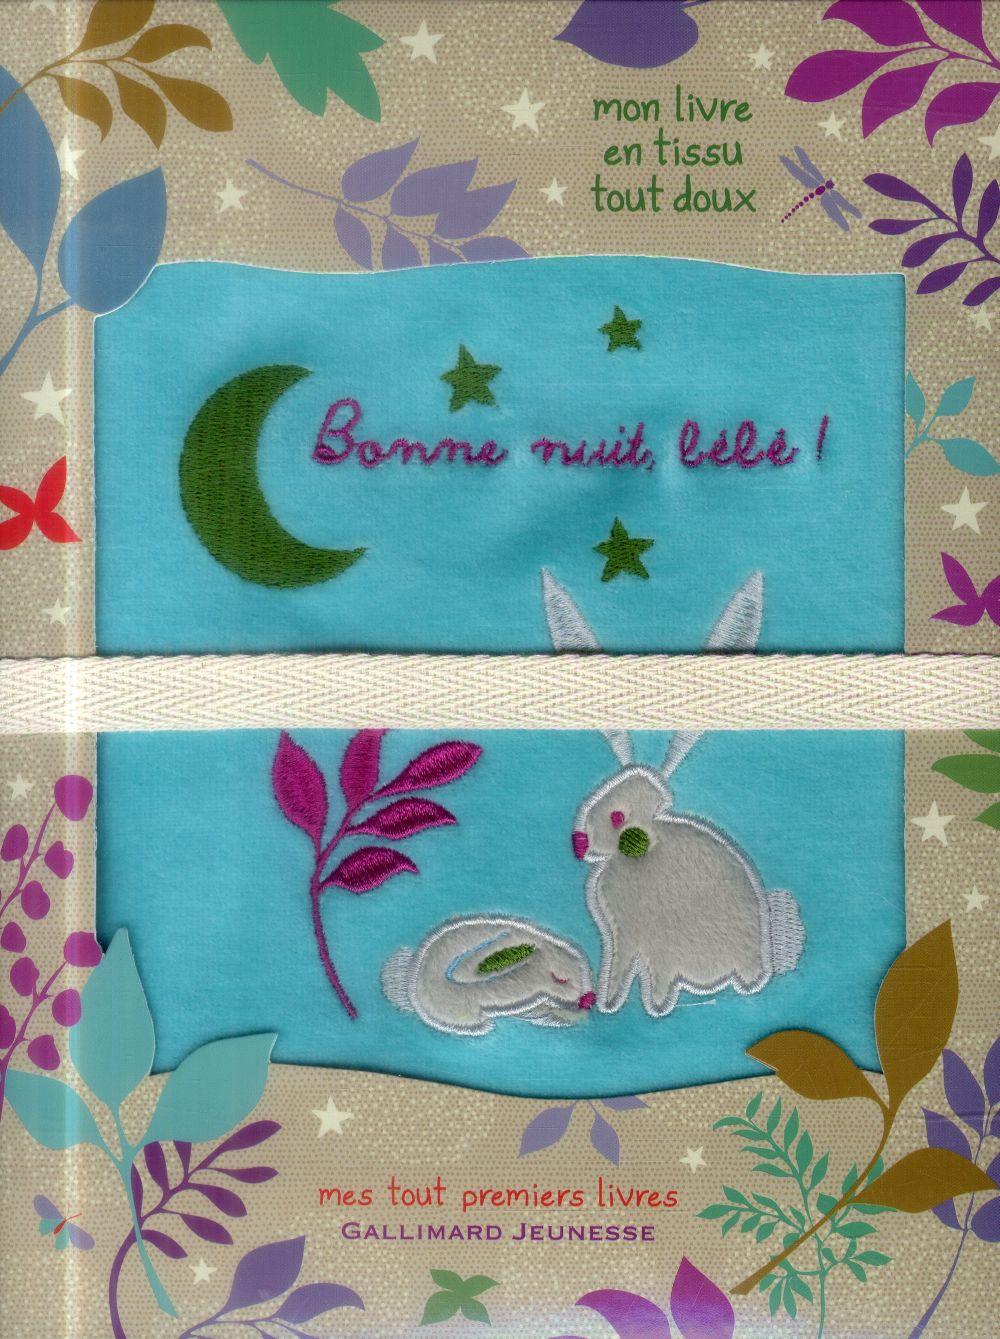 Bonne nuit, bébé ; mon livre en tissu tout doux